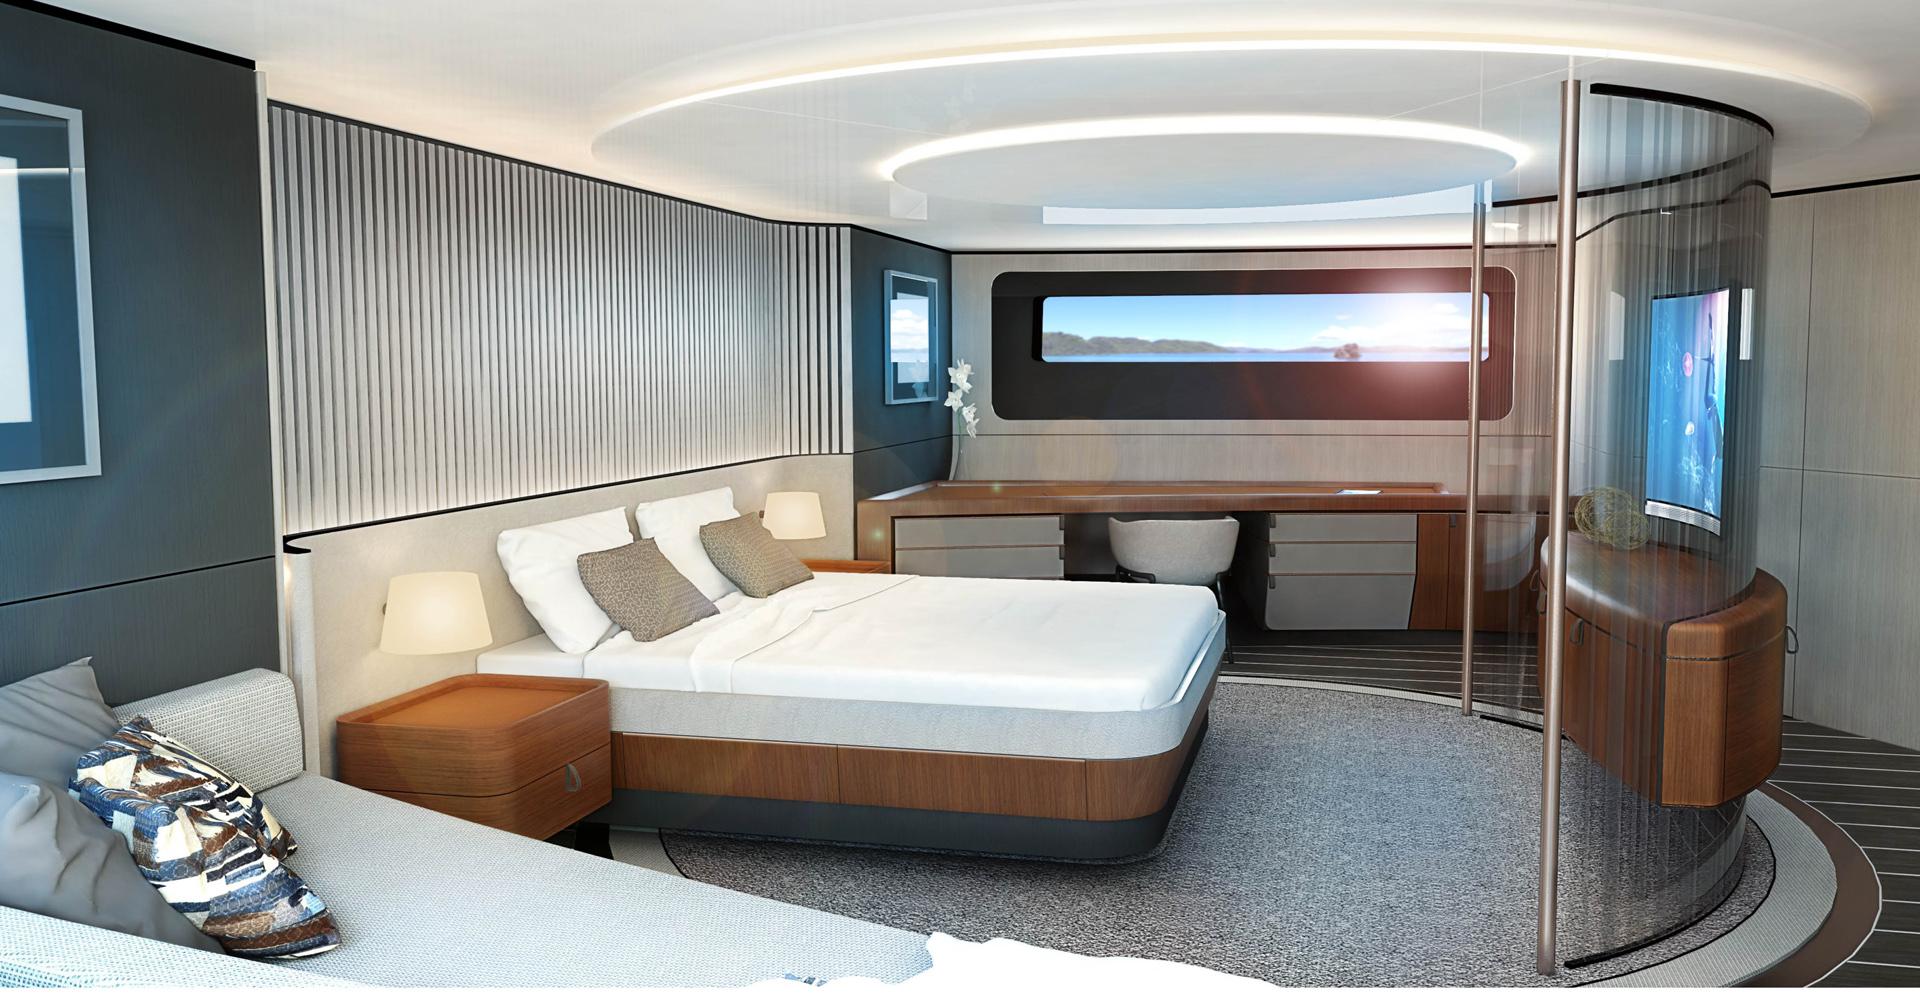 20 - 50m Sailing Yacht - 07